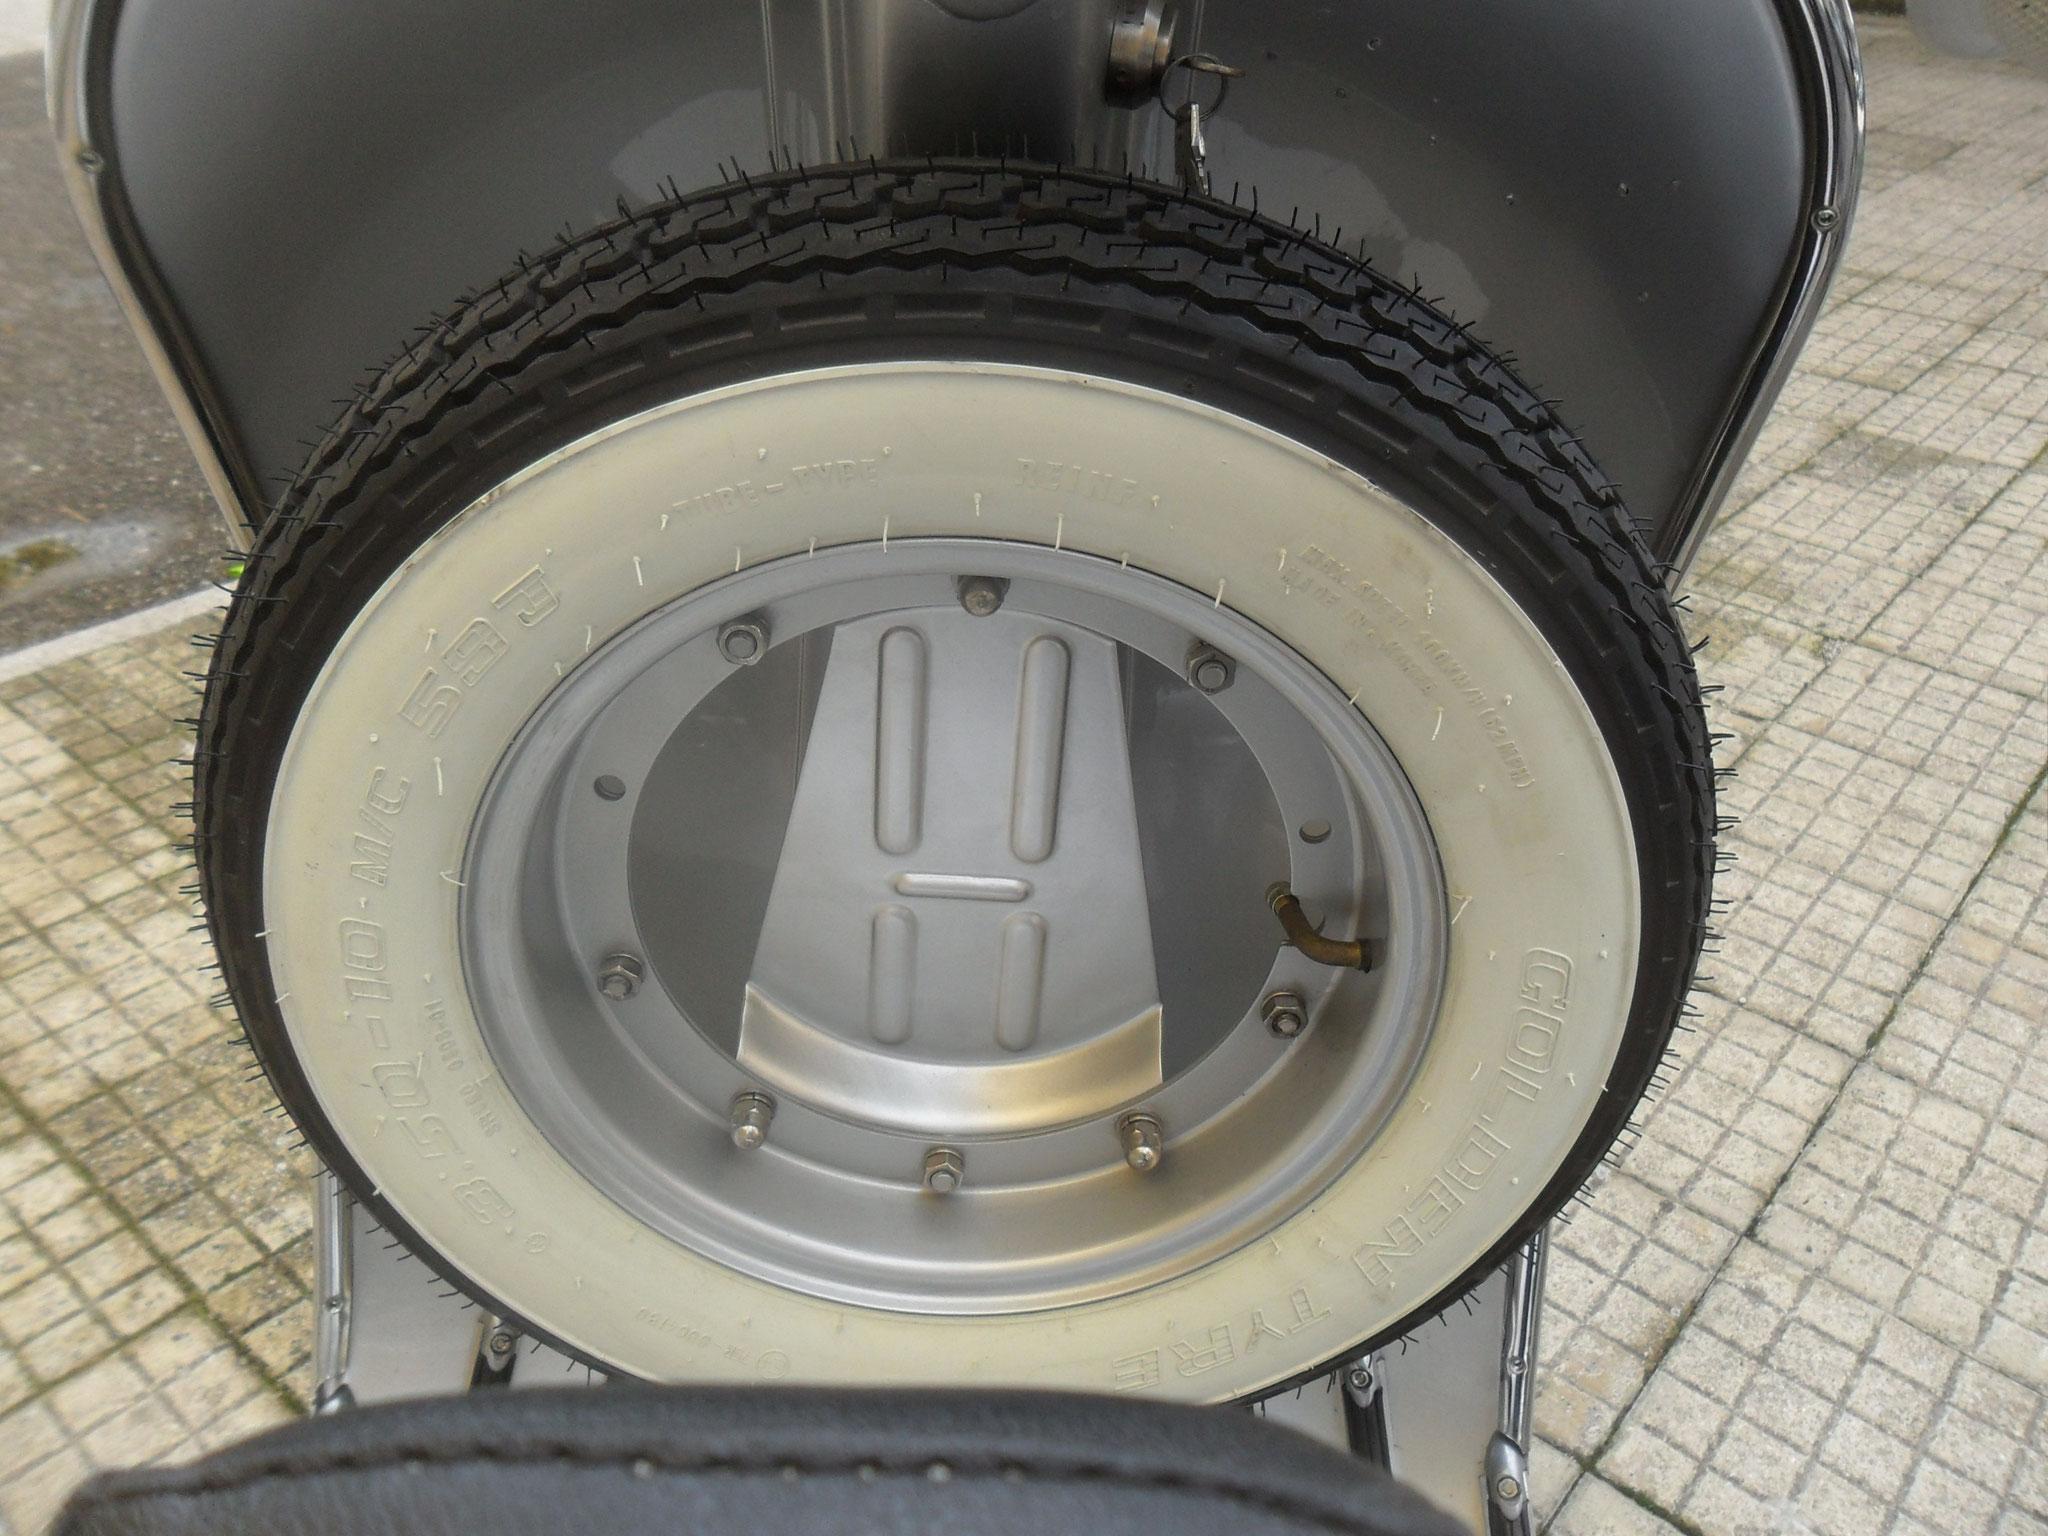 PIAGGIO VESPA GS VS5 150cc - RESTAURO PROFESSIONALE - contattateci per info